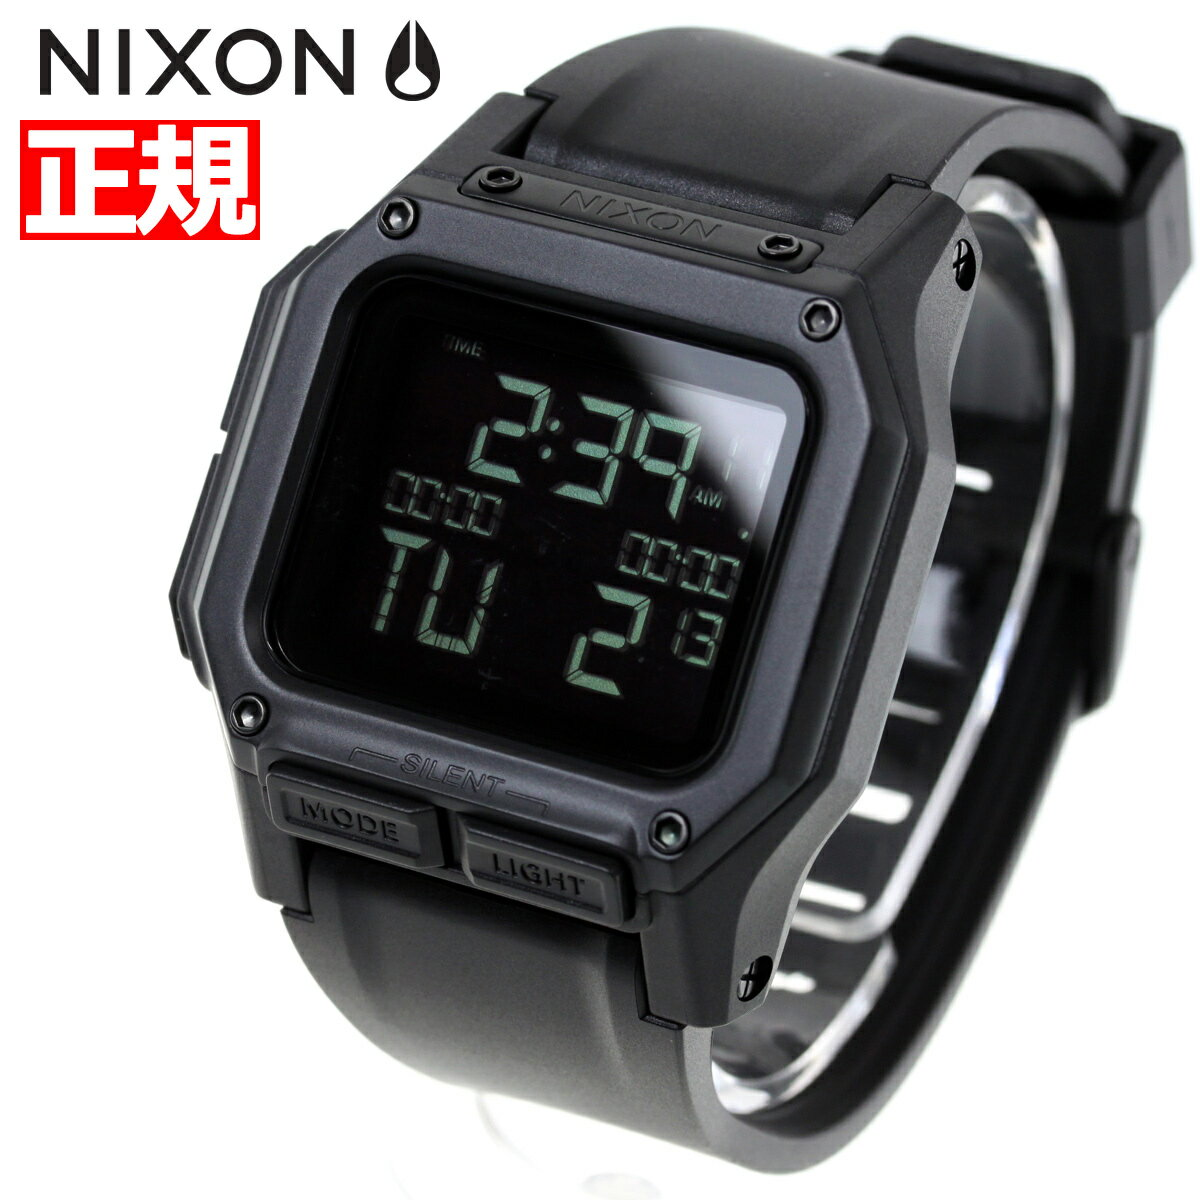 本日ポイント最大37倍!26日1時59分まで!ニクソン NIXON レグルス REGULUS 腕時計 メンズ ALL BLACK NA1180001-00【2018 新作】